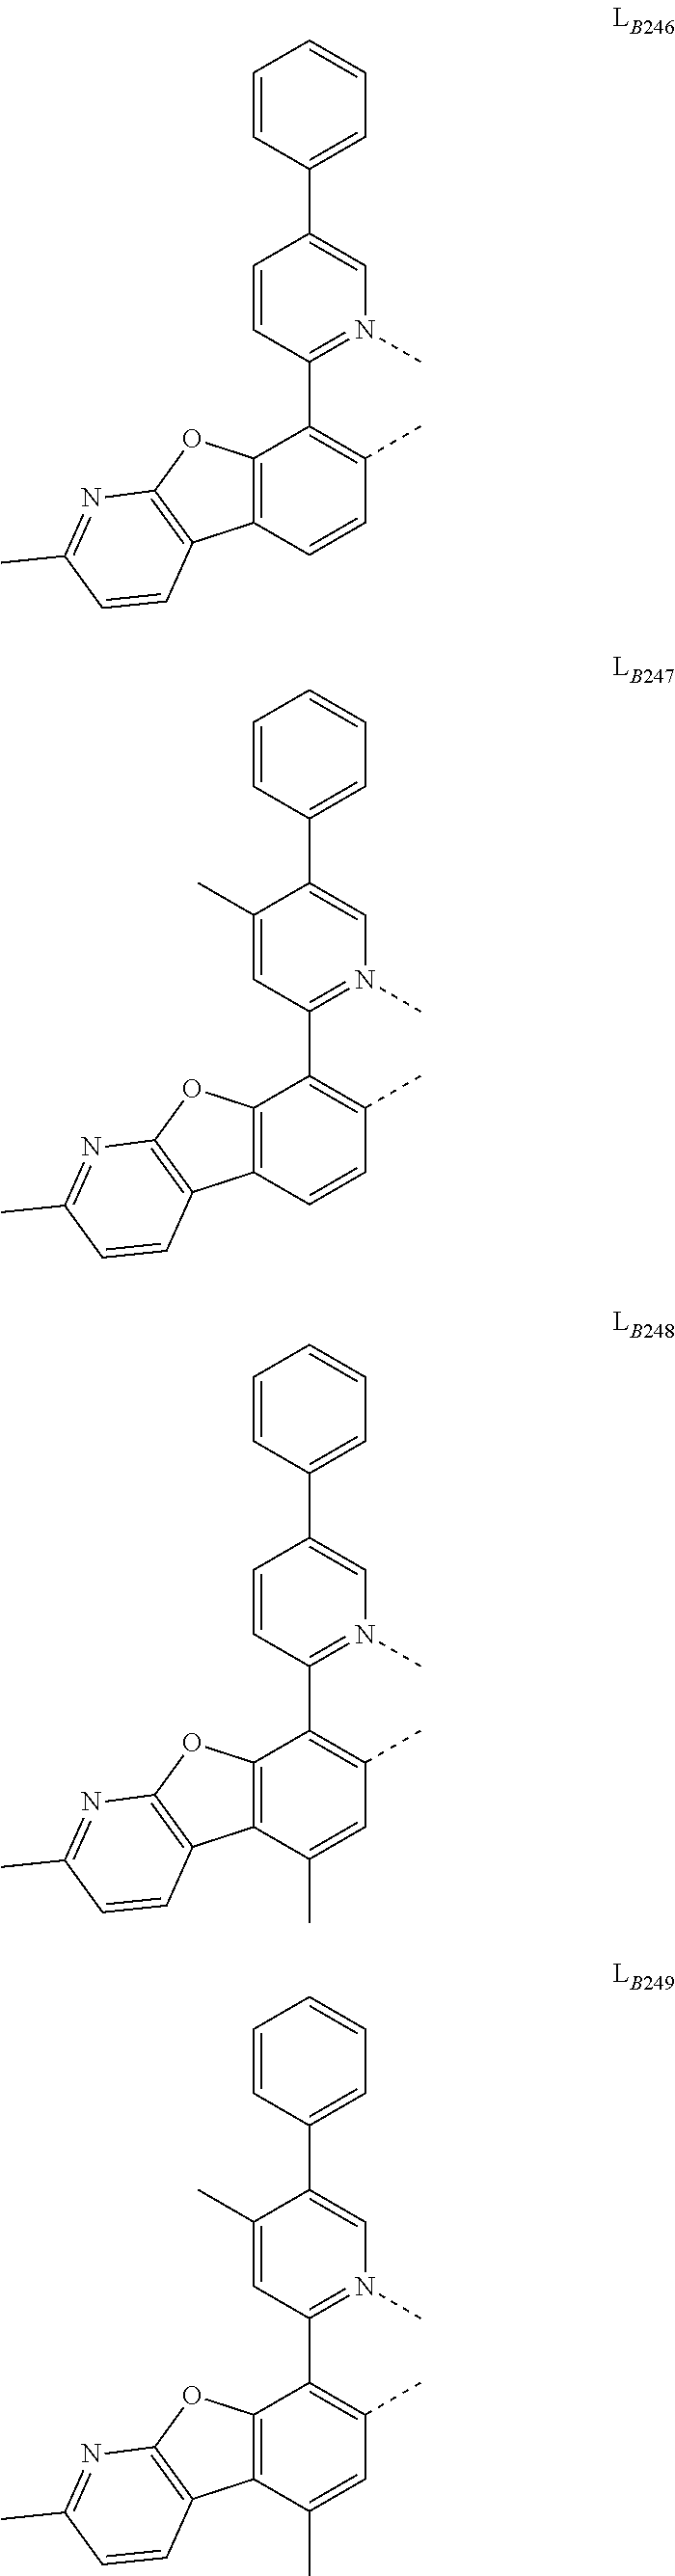 Figure US20180130962A1-20180510-C00116